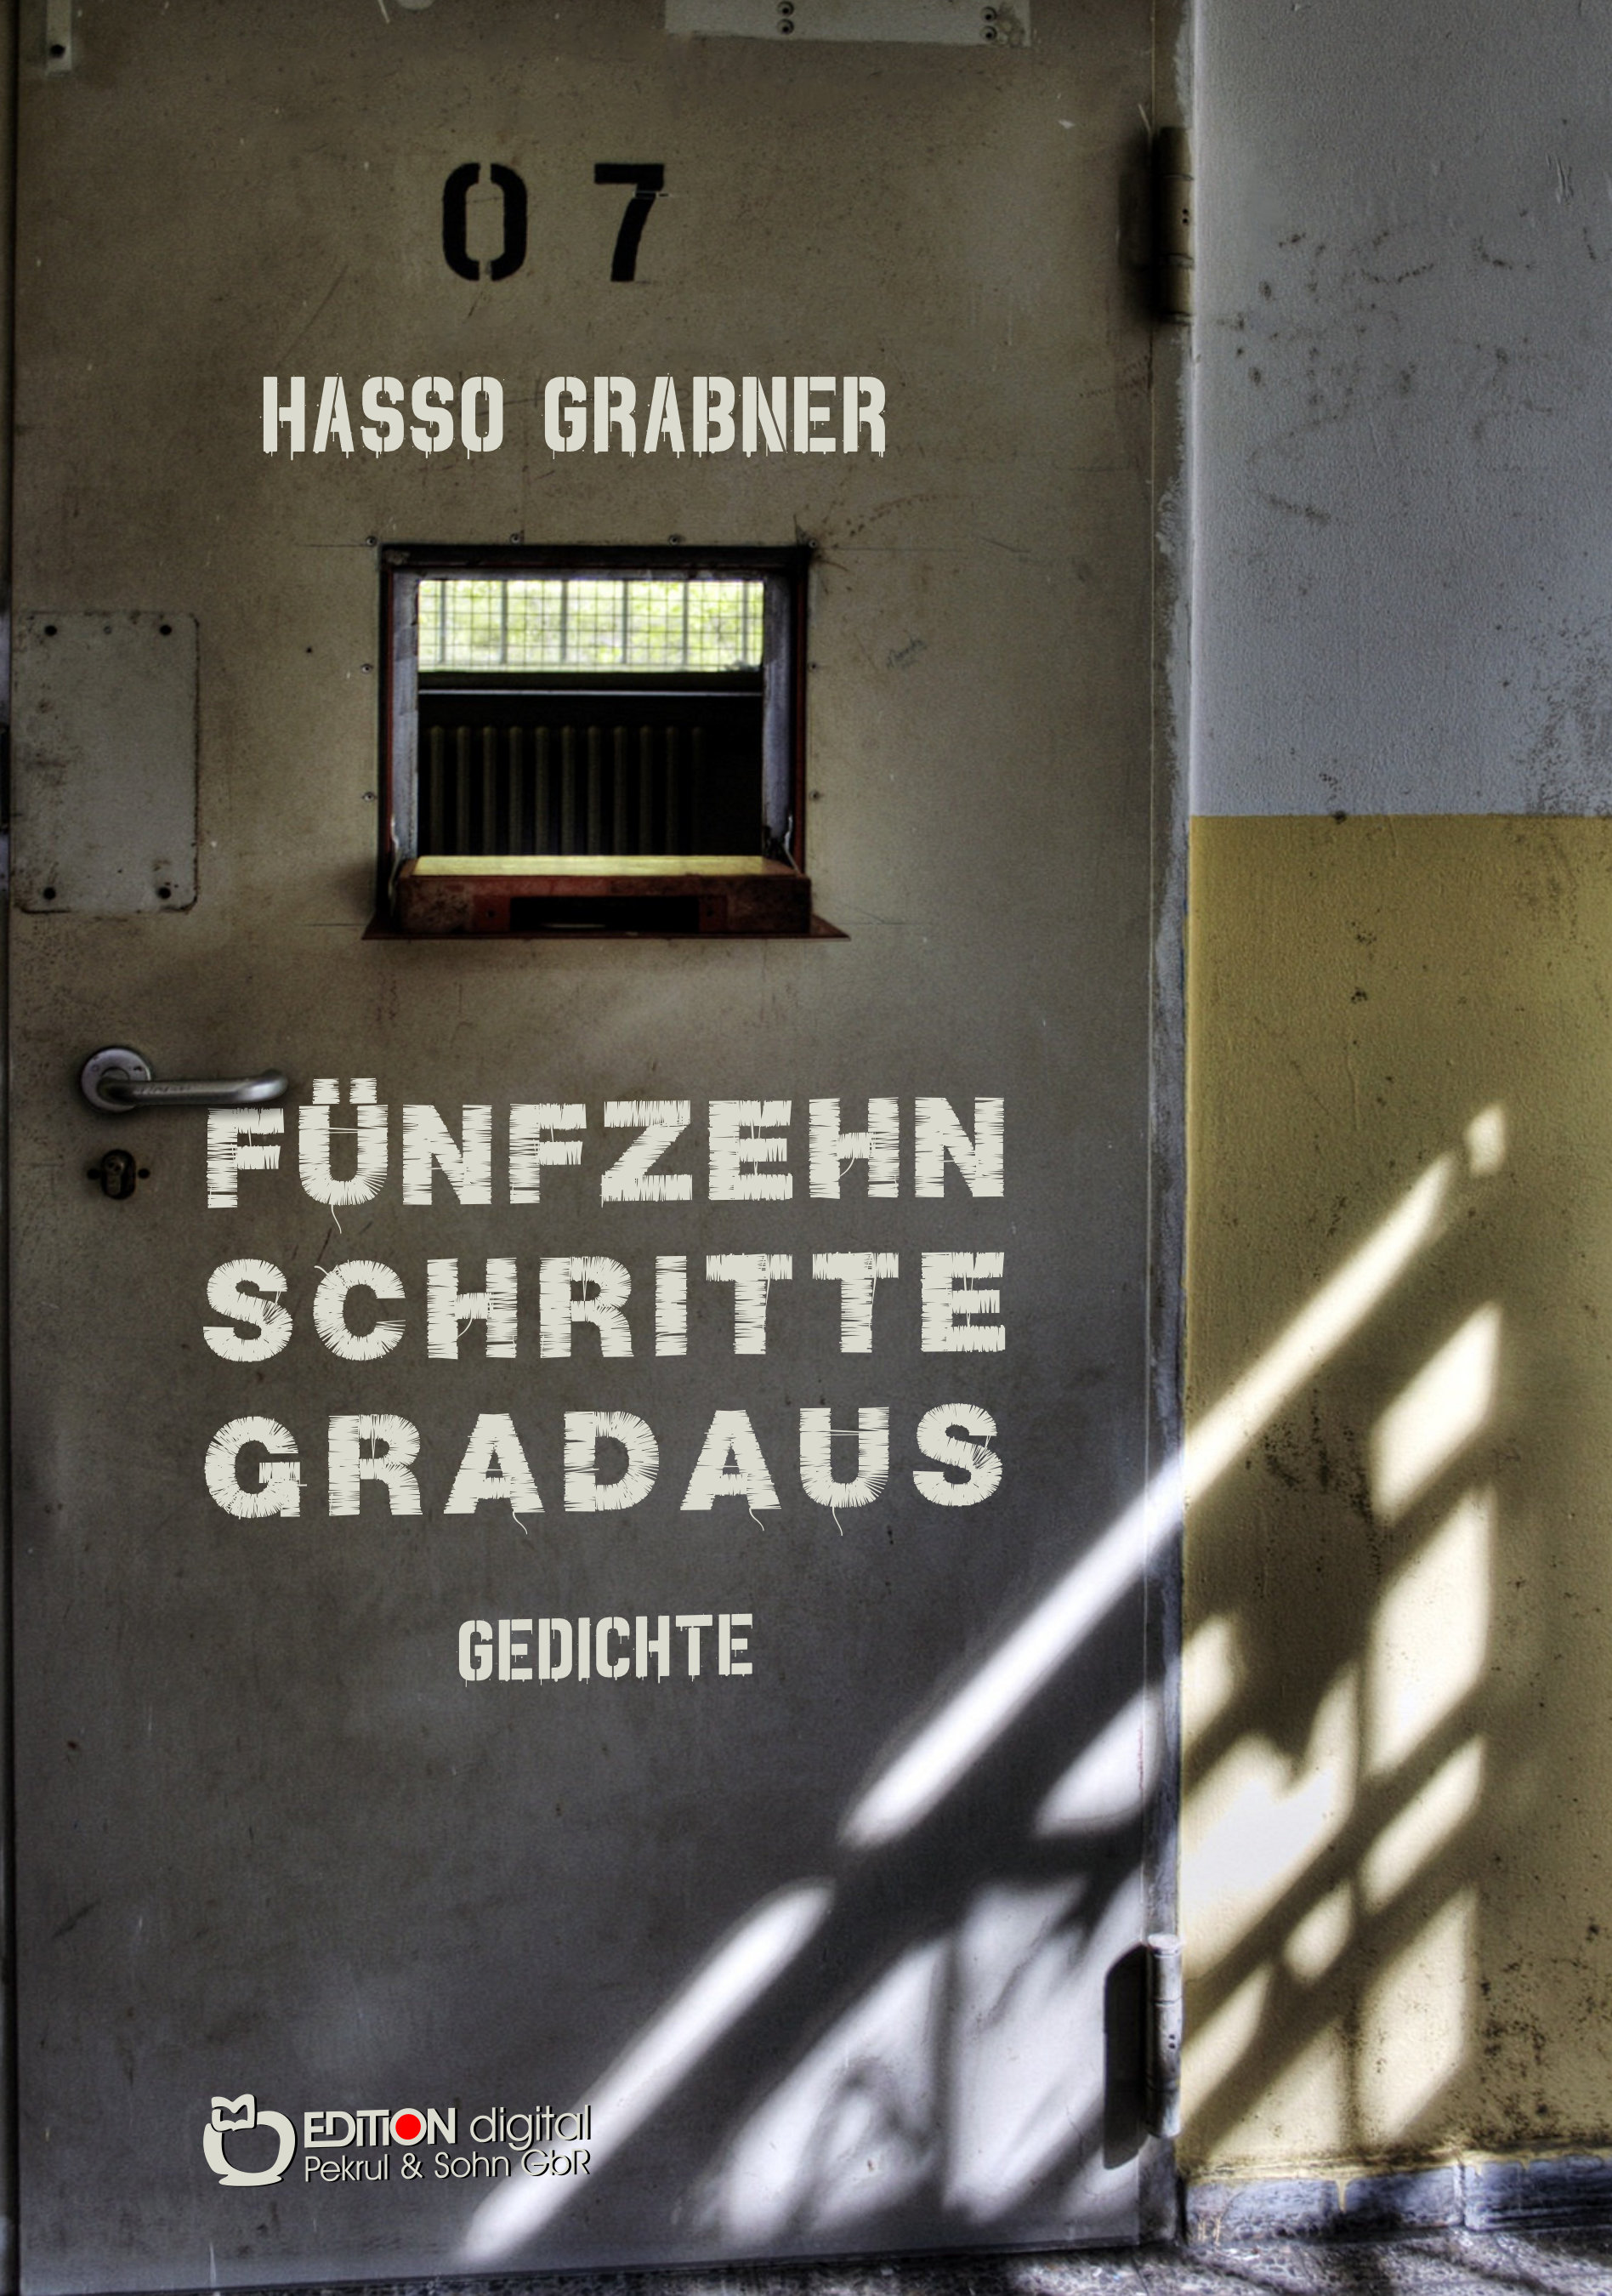 Fünfzehn Schritte gradaus. Gedichte von Hasso Grabner